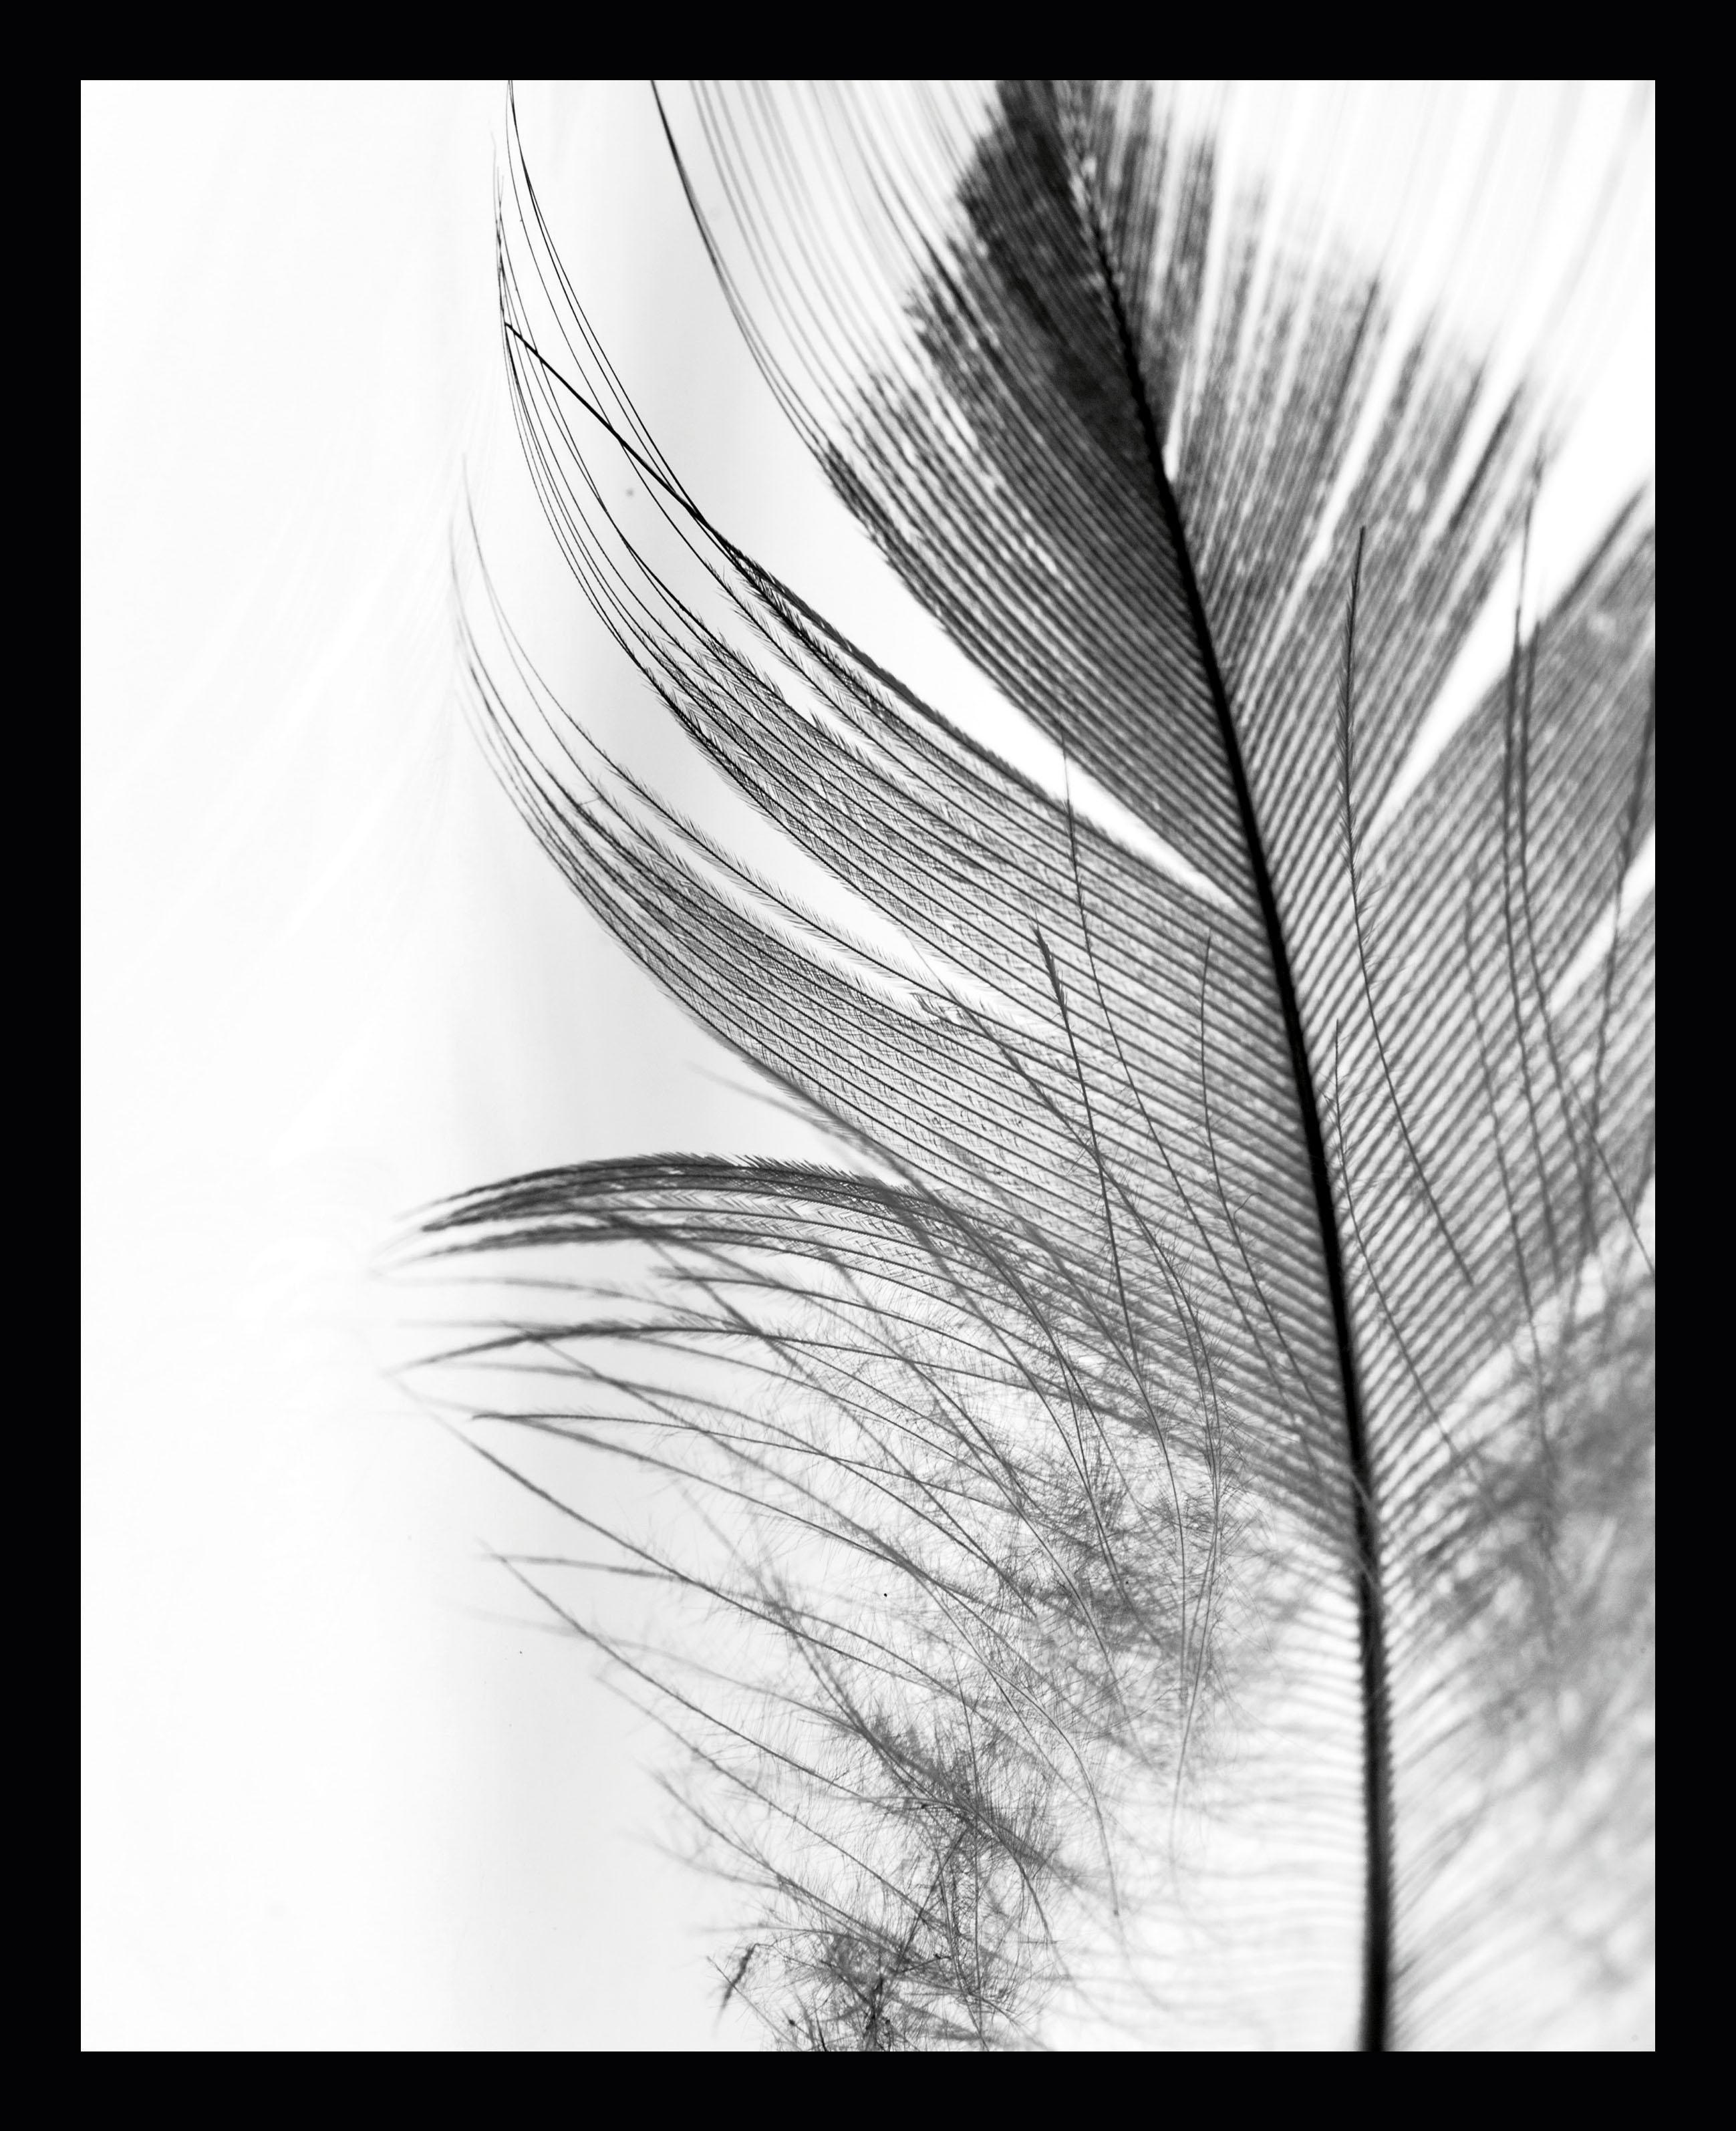 Gerahmter Digitaldruck Feather, Bild: Digitaldruck auf Papier, Rahmen: Kunststoff (PU), Front: Glas, Rückseite: Mitteldichte Faserplatte , Bild: Schwarz, WeissRahmen: Schwarz, 30 x 40 cm